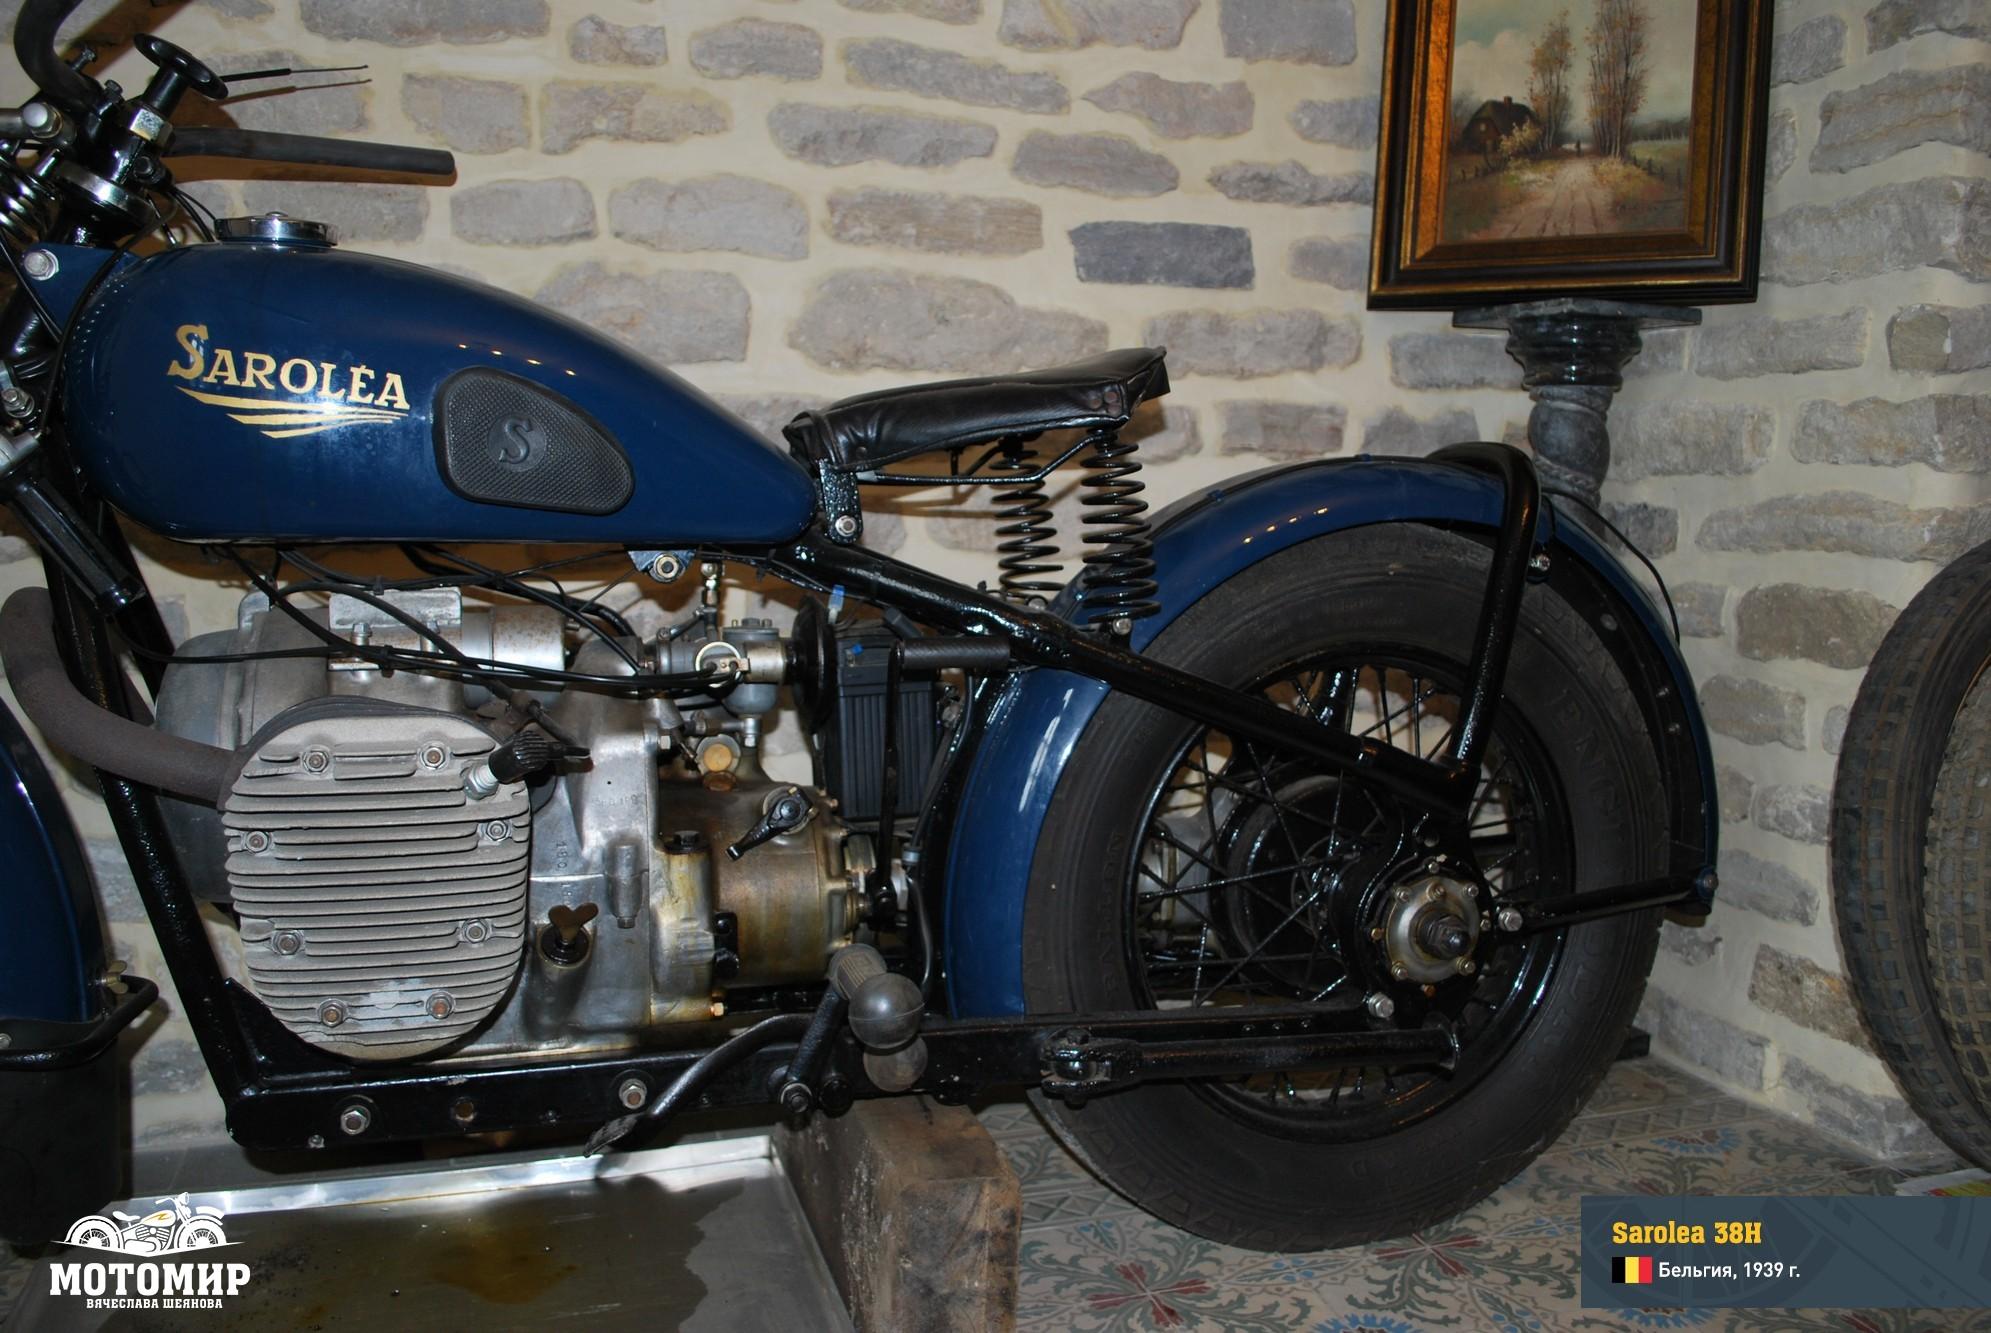 sarolea-38-h-1939-web-23